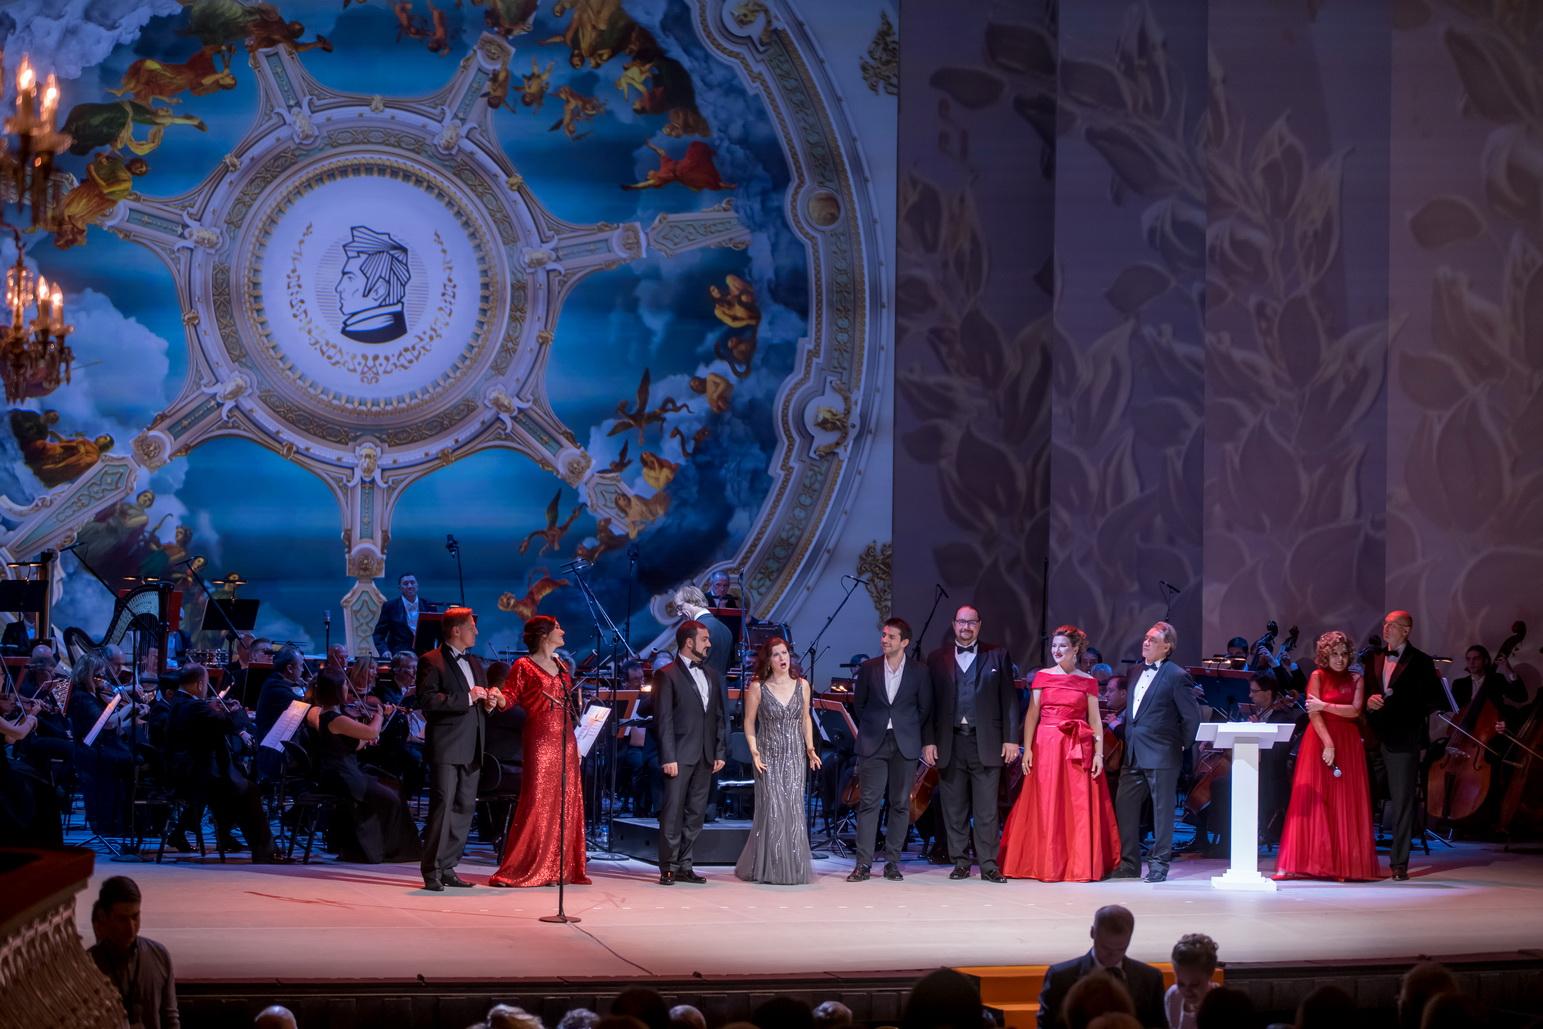 III Национальная оперная премия Онегин, звезды оперы, фото Владимир Убушиев